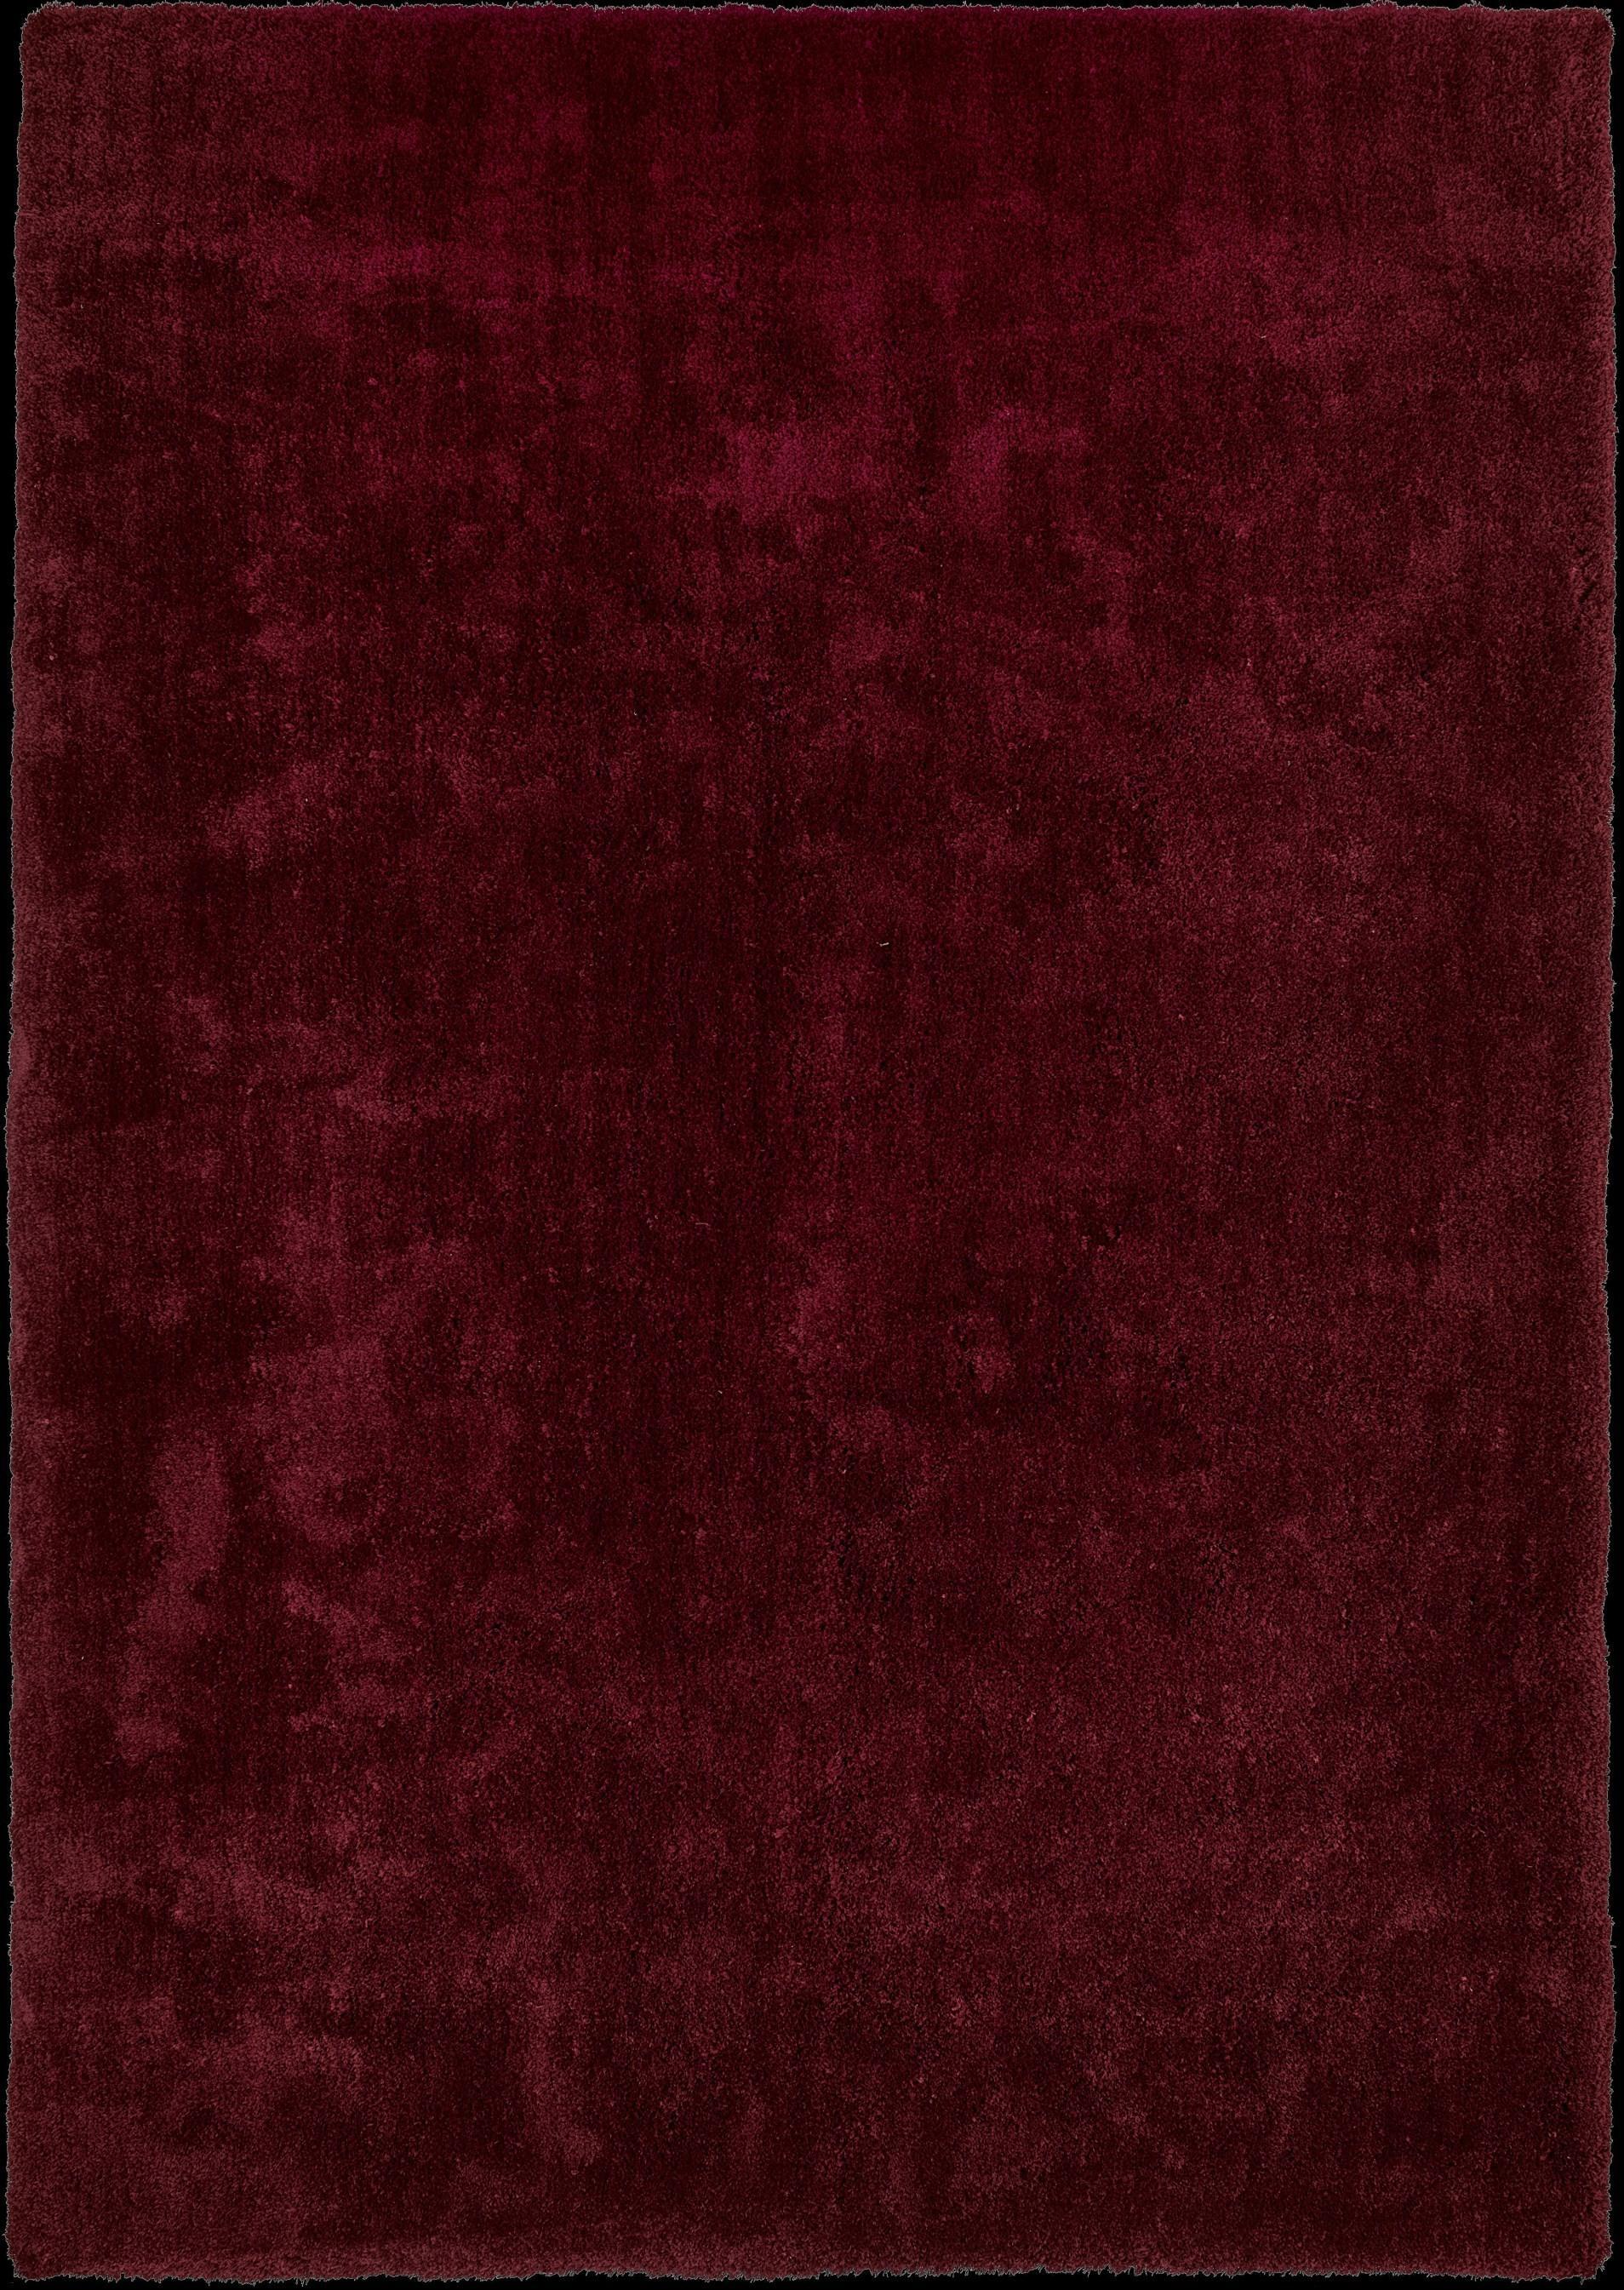 tappeto rettangolare cm 190 x 270 100% poliestere tinta unica colorato bianco rosso verde nero grigio arredamento vendita on line consegna a domicilio